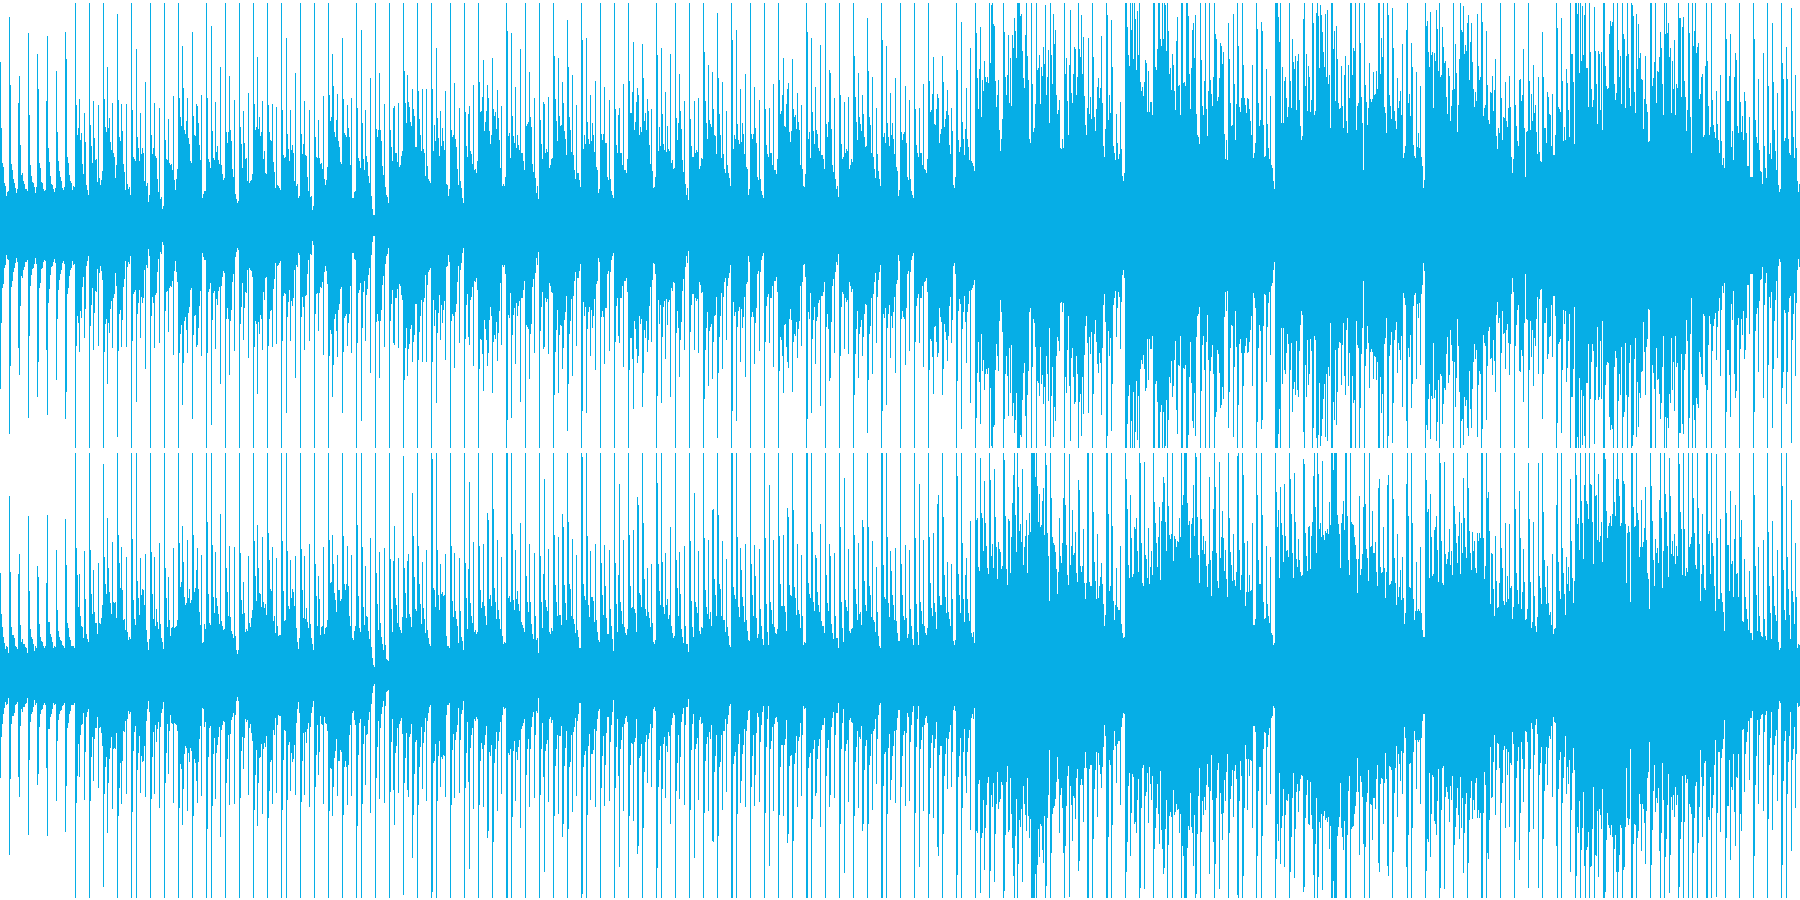 物悲しい雰囲気のスローテンポ和風曲ループの再生済みの波形